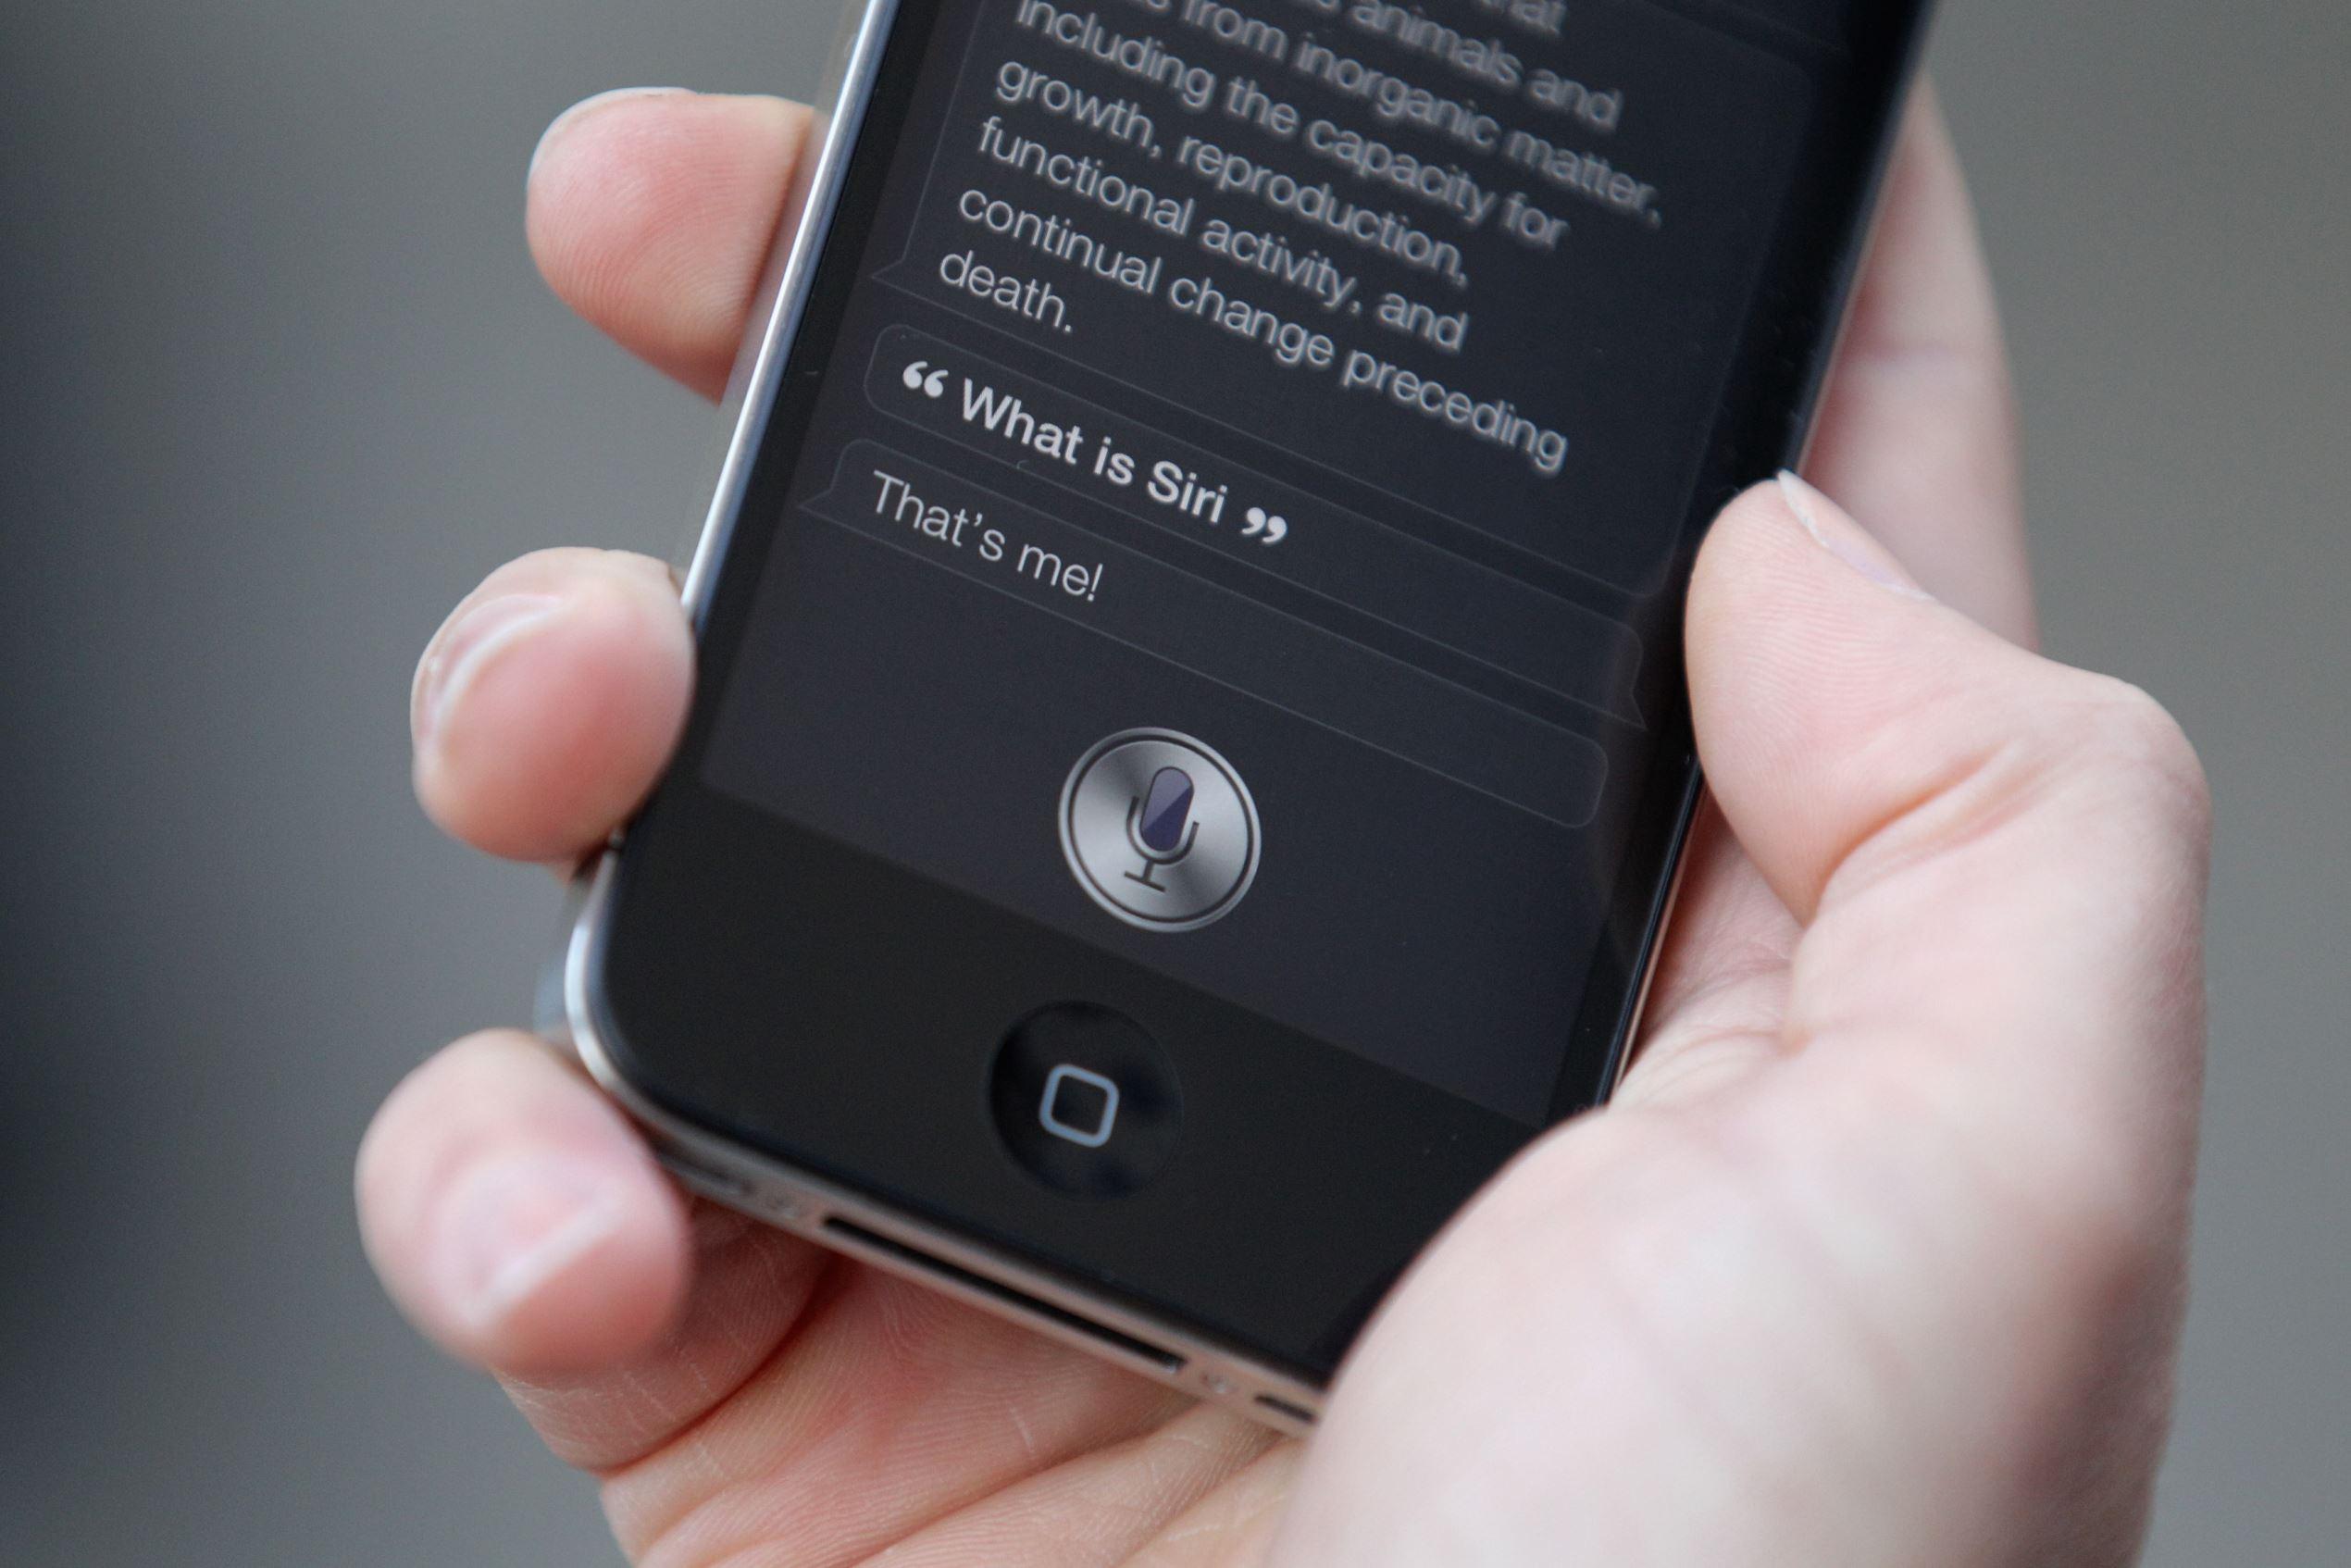 Um homem usa & # 39; Siri & # 39;  sobre o novo iPhone 4S depois de ter sido um dos primeiros clientes na loja da Apple em Covent Garden em 14 de outubro de 2011 em Londres, Inglaterra.